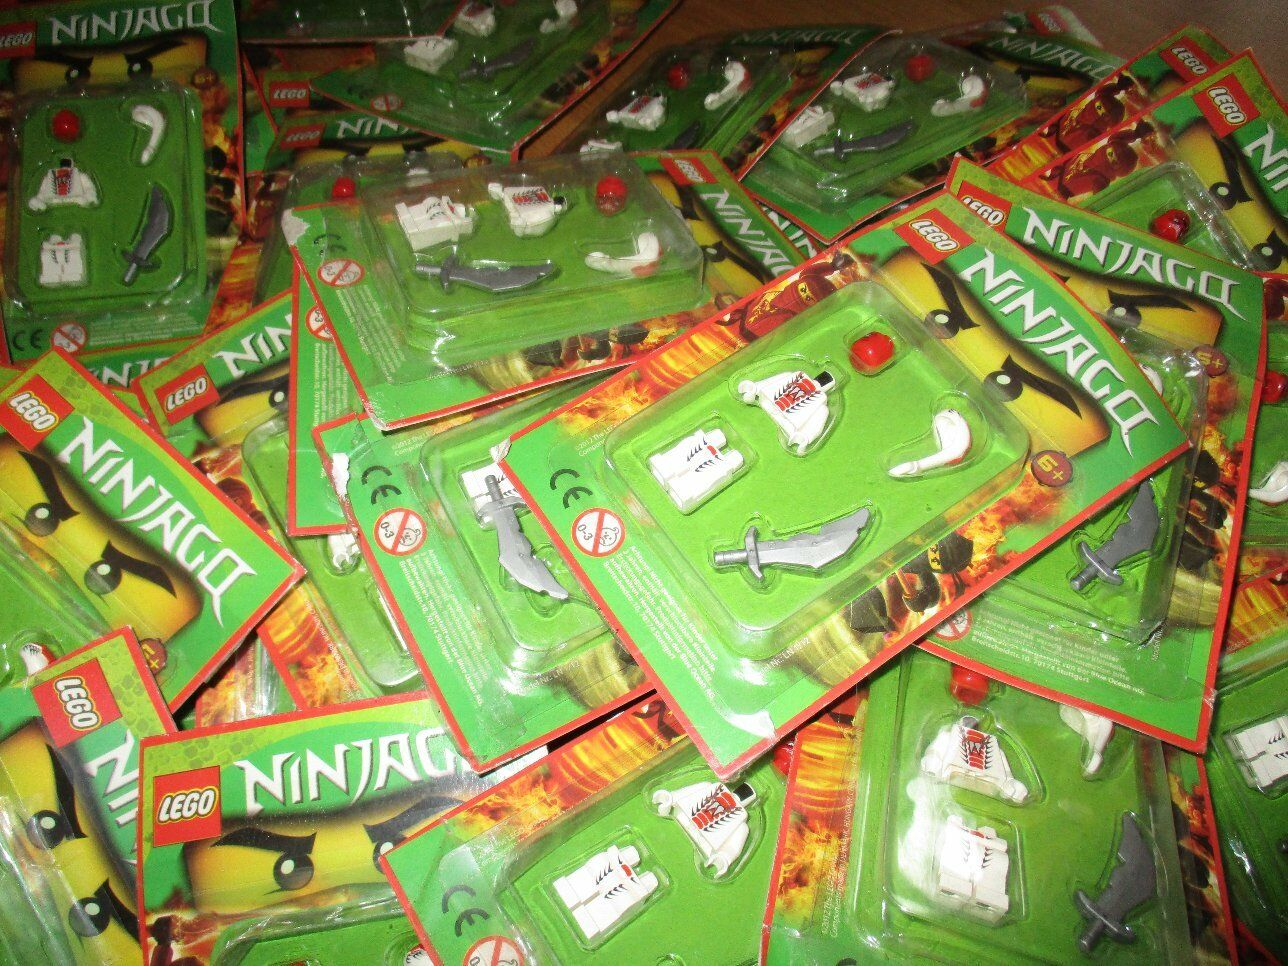 45 X Lego Ninjago Minifiguren personnages Snappa  de set 9442 9564  marques de mode